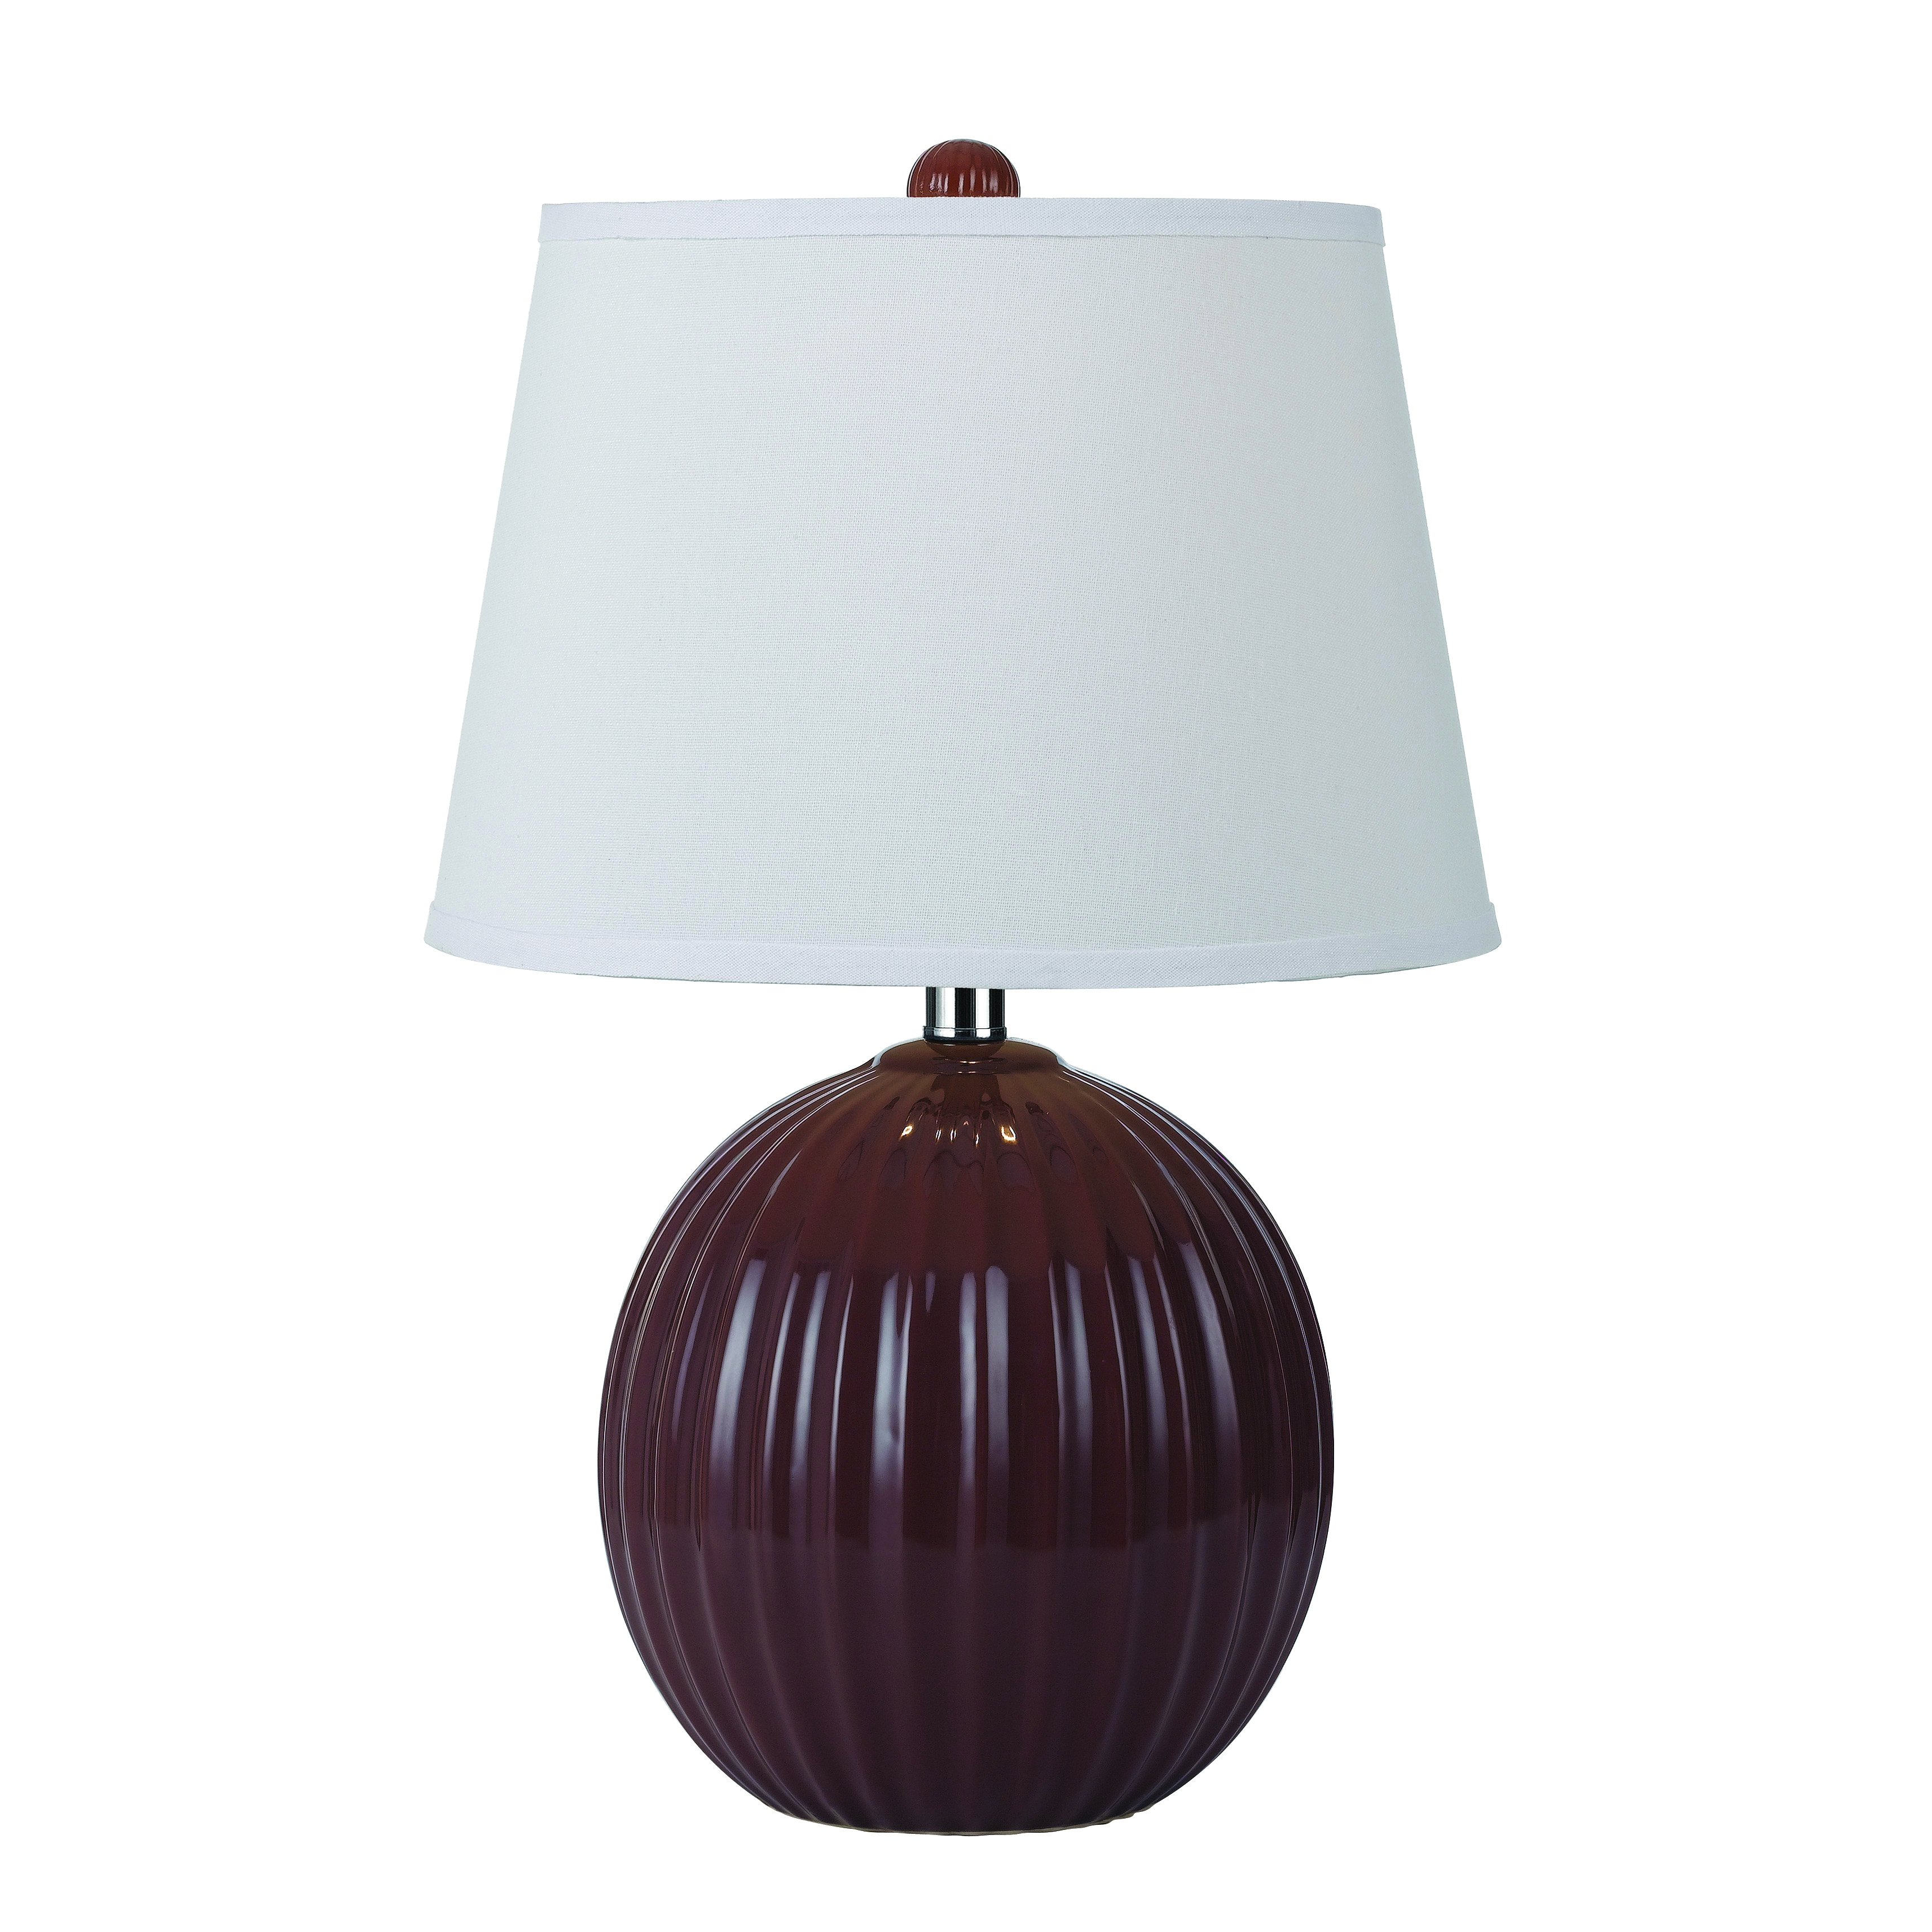 af lighting home decor clearance liquidation shop our best home goods deals online at overstock com